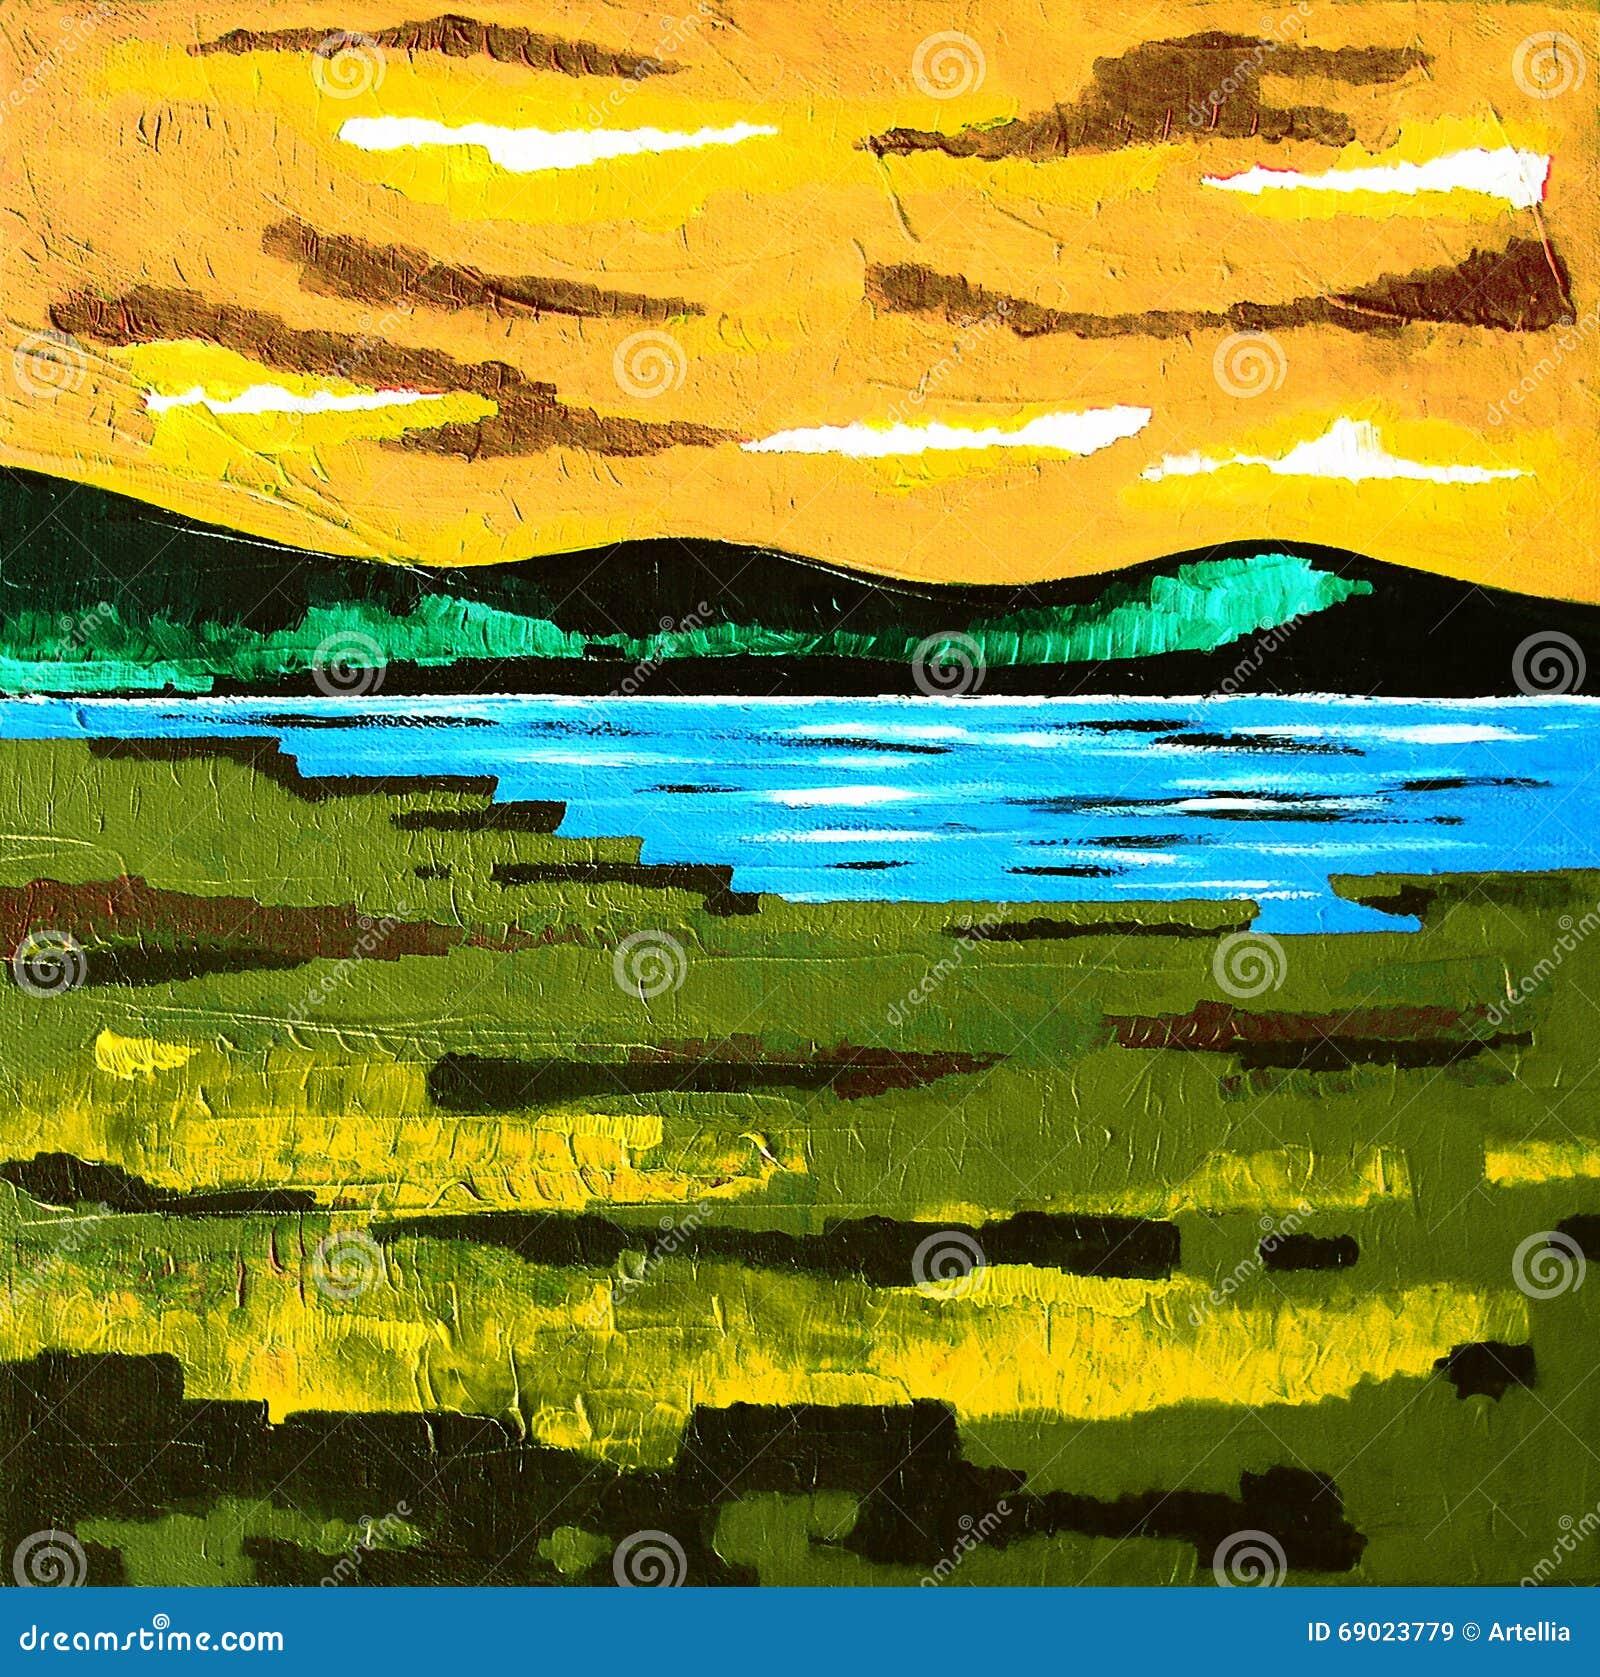 Moderne Zeitgenössische Kunst - Malerei - Sunset See-Wiese - Blaue ...